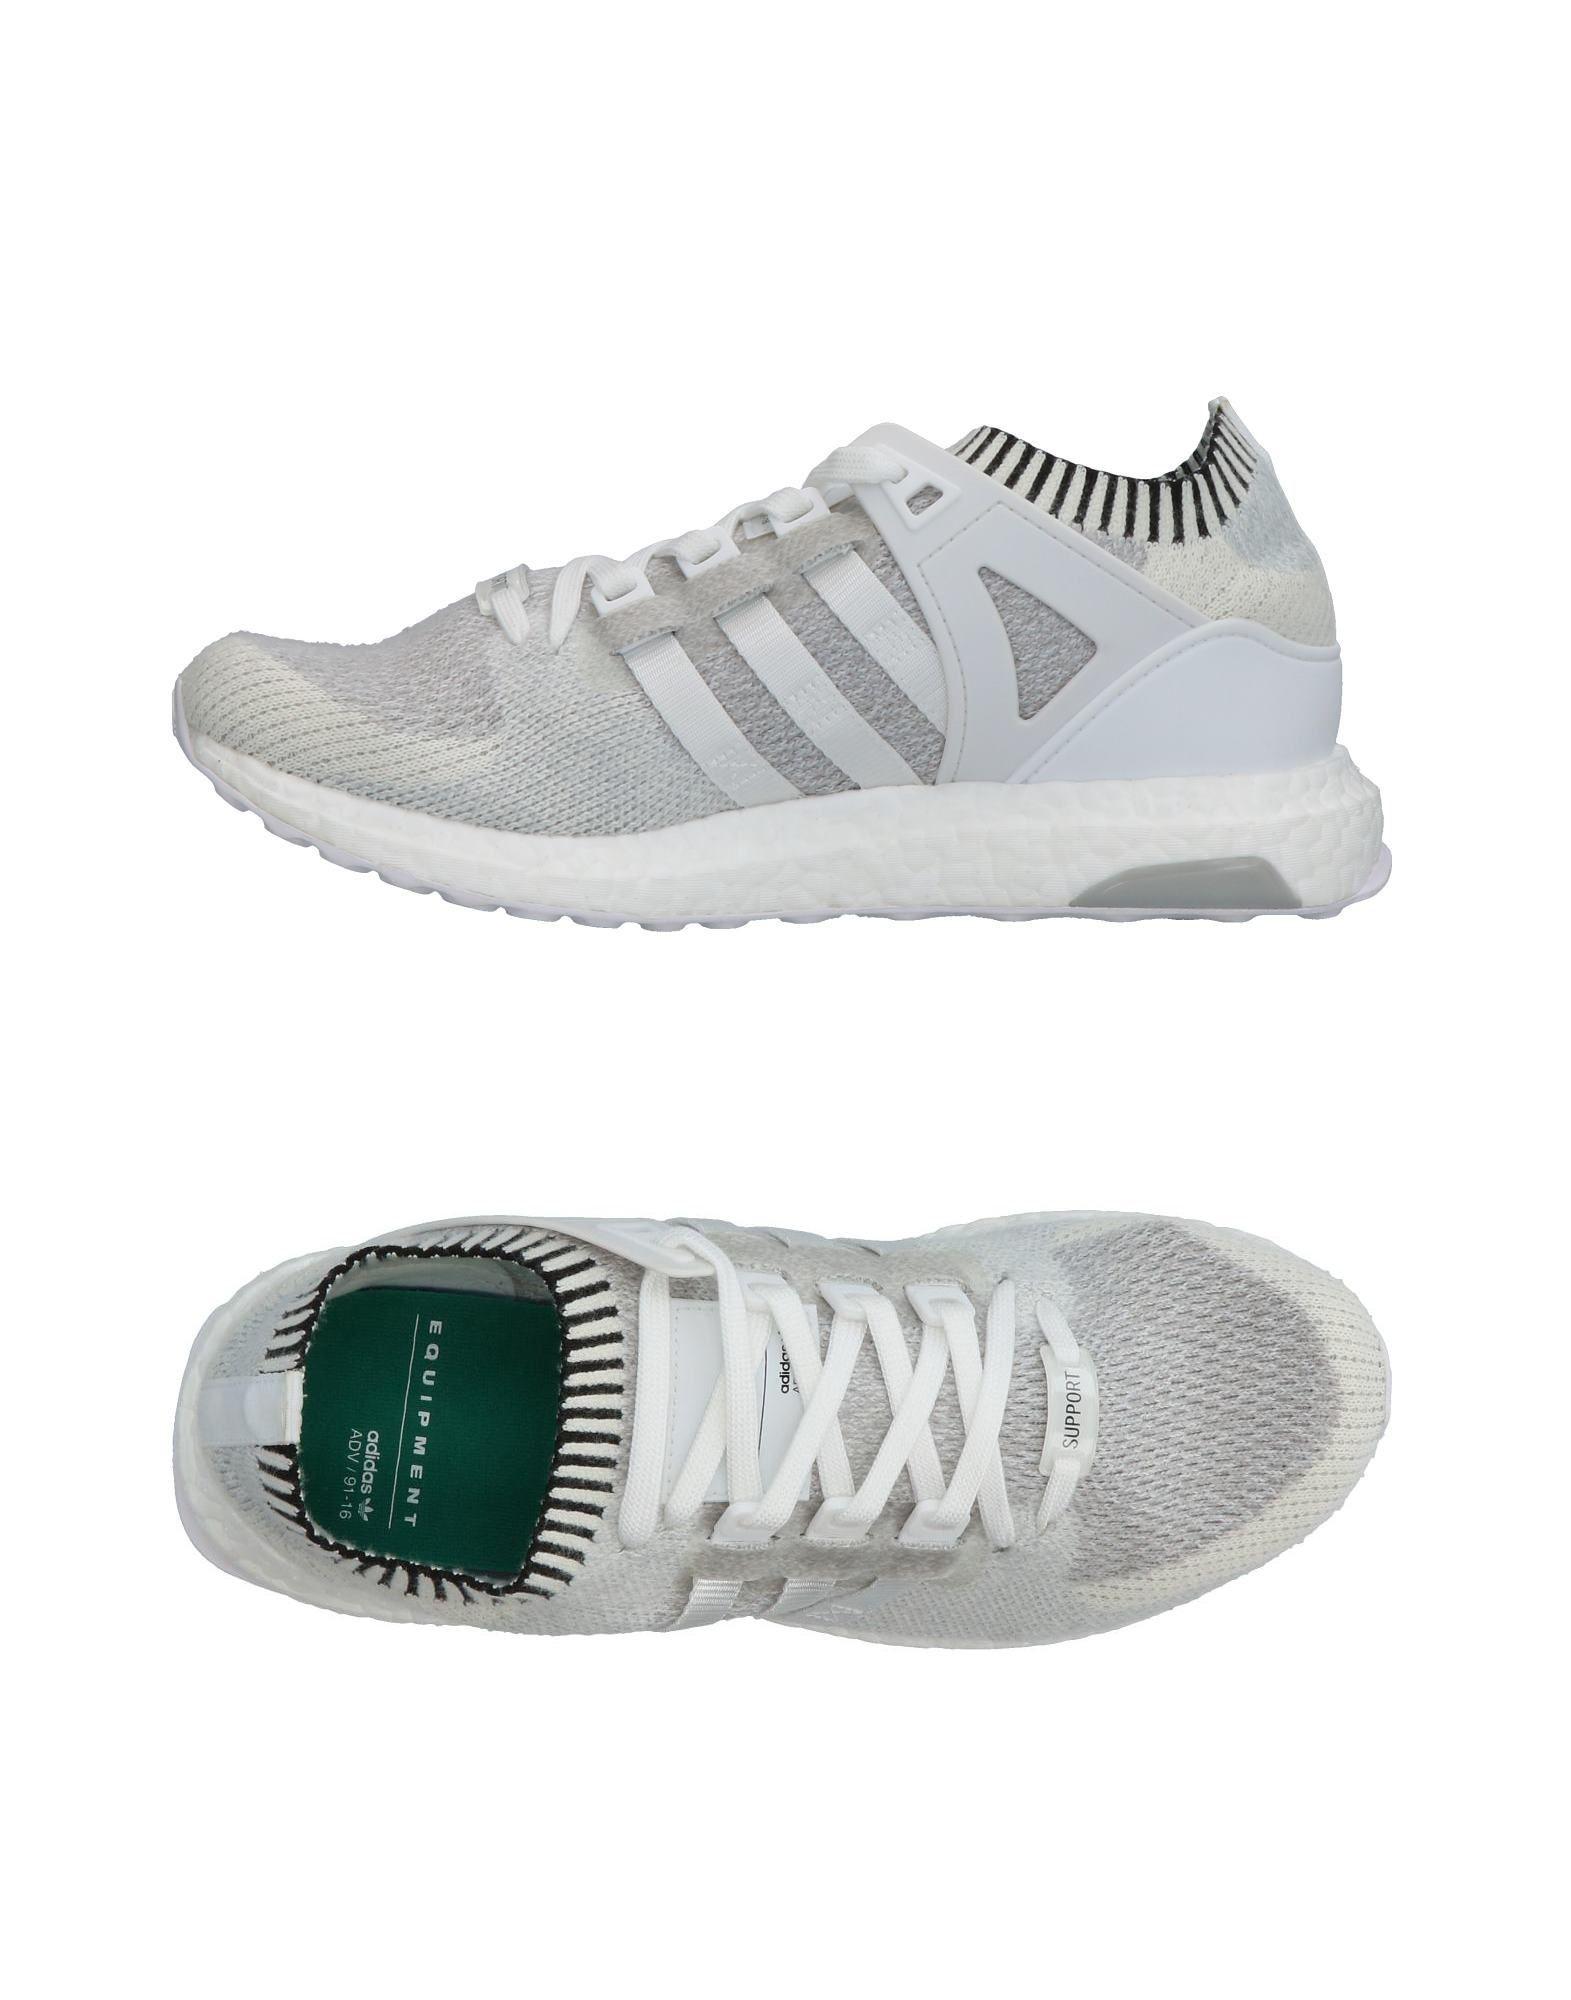 Gris perla Zapatillas Adidas Originals Hombre - Zapatillas Adidas Adidas Adidas Originals Nuevos zapatos para  hombres  y mujeres, descuento por tiempo limitado 45dd09